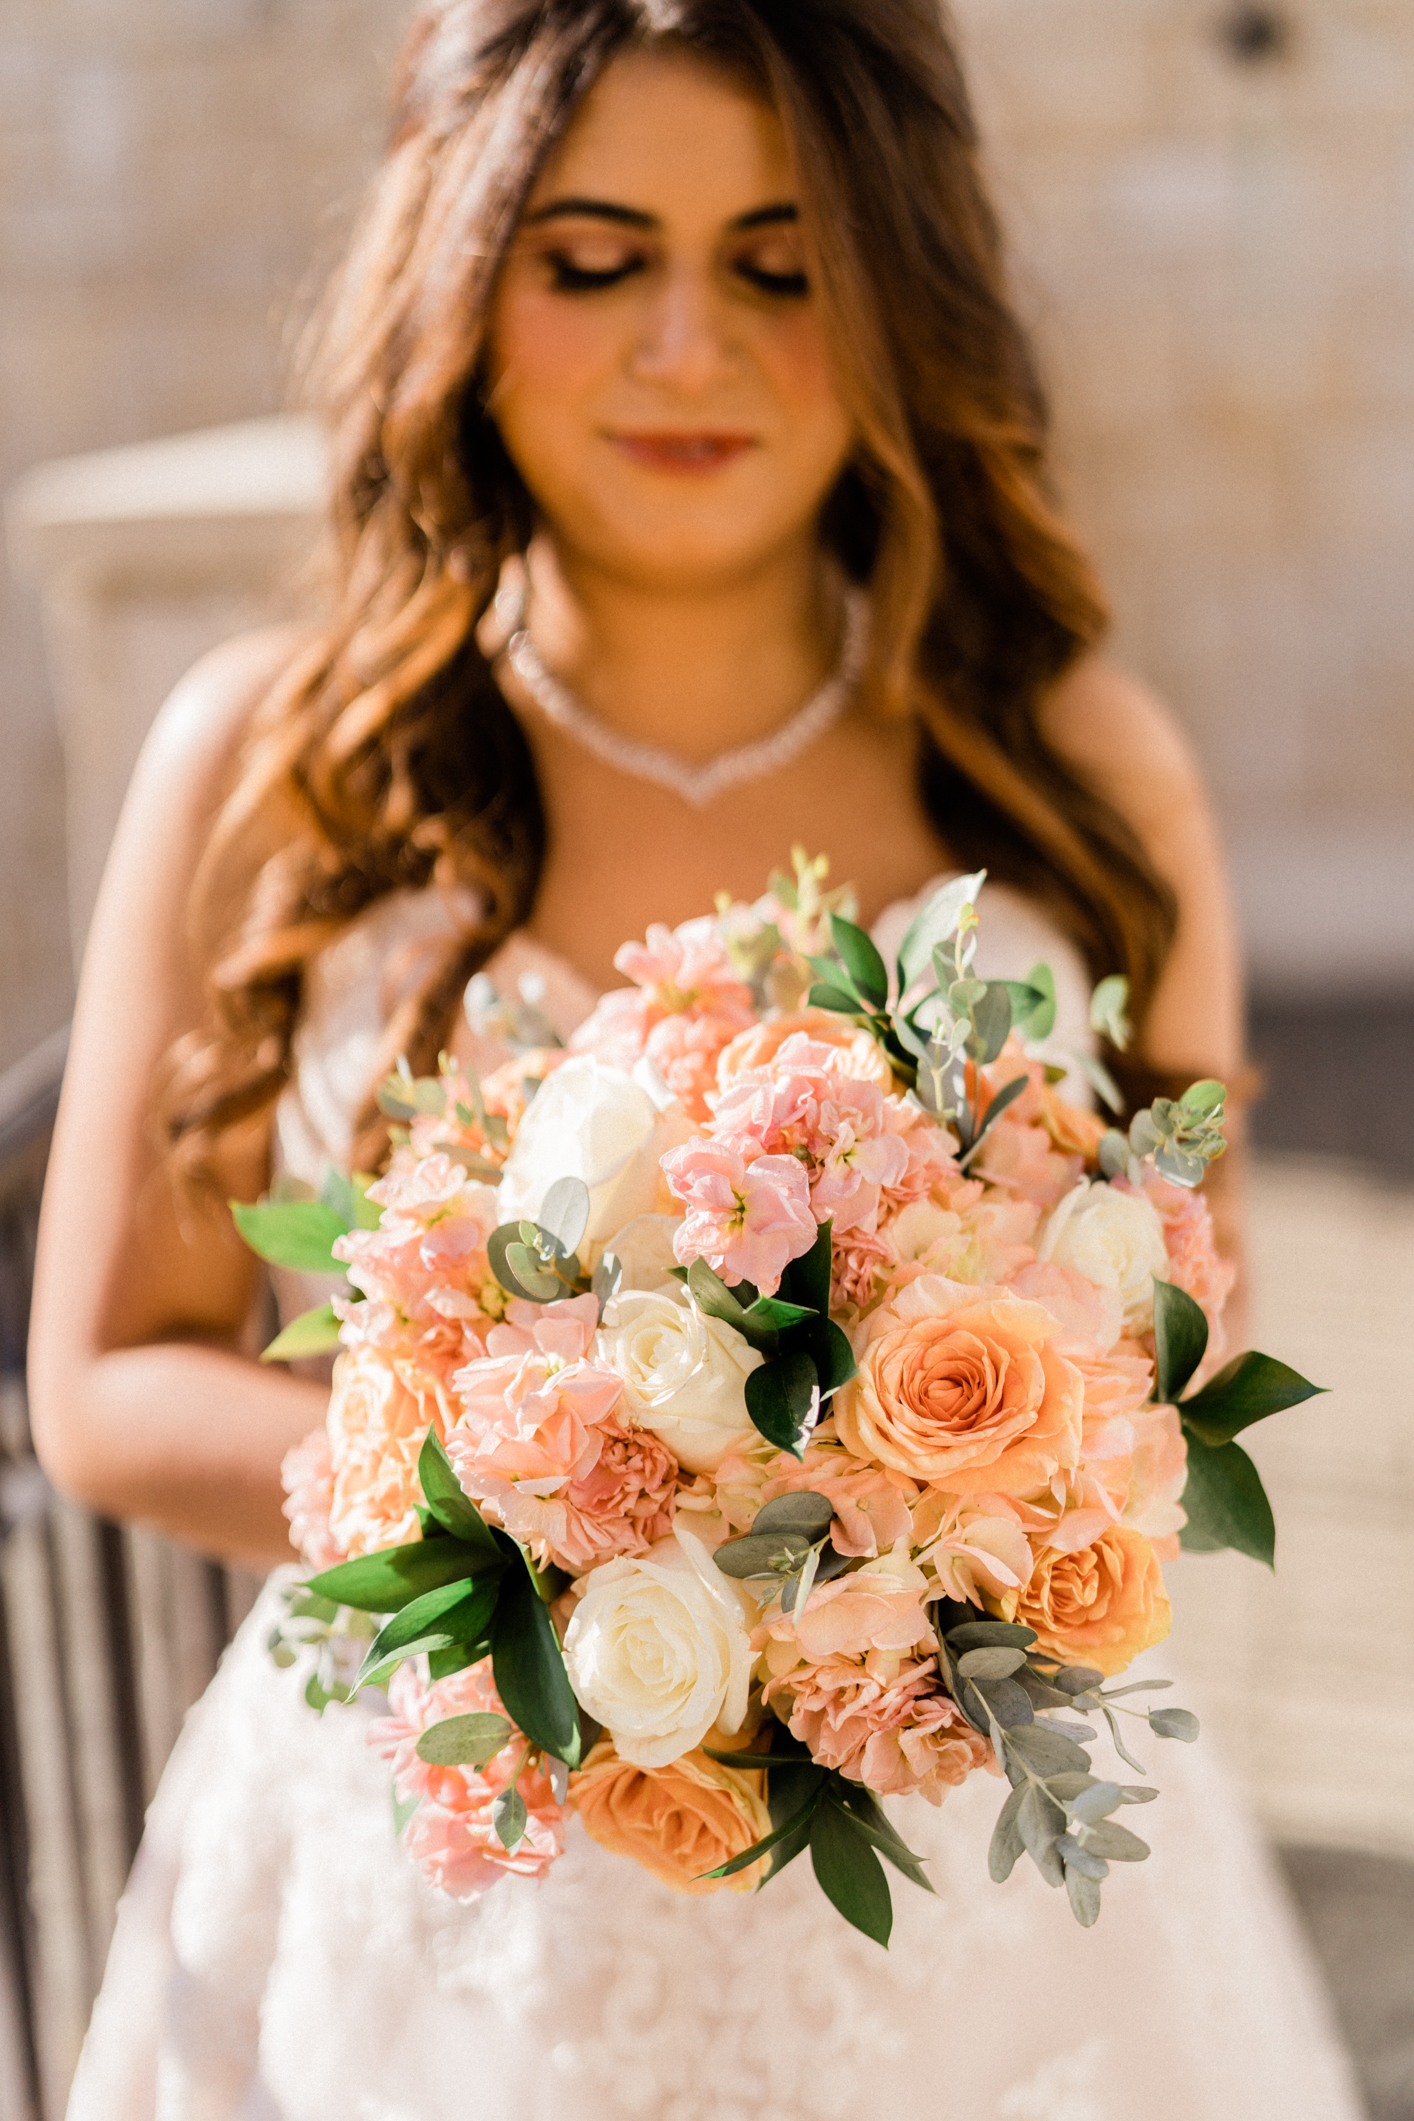 bridal flowers at golf club wedding venue in seattle